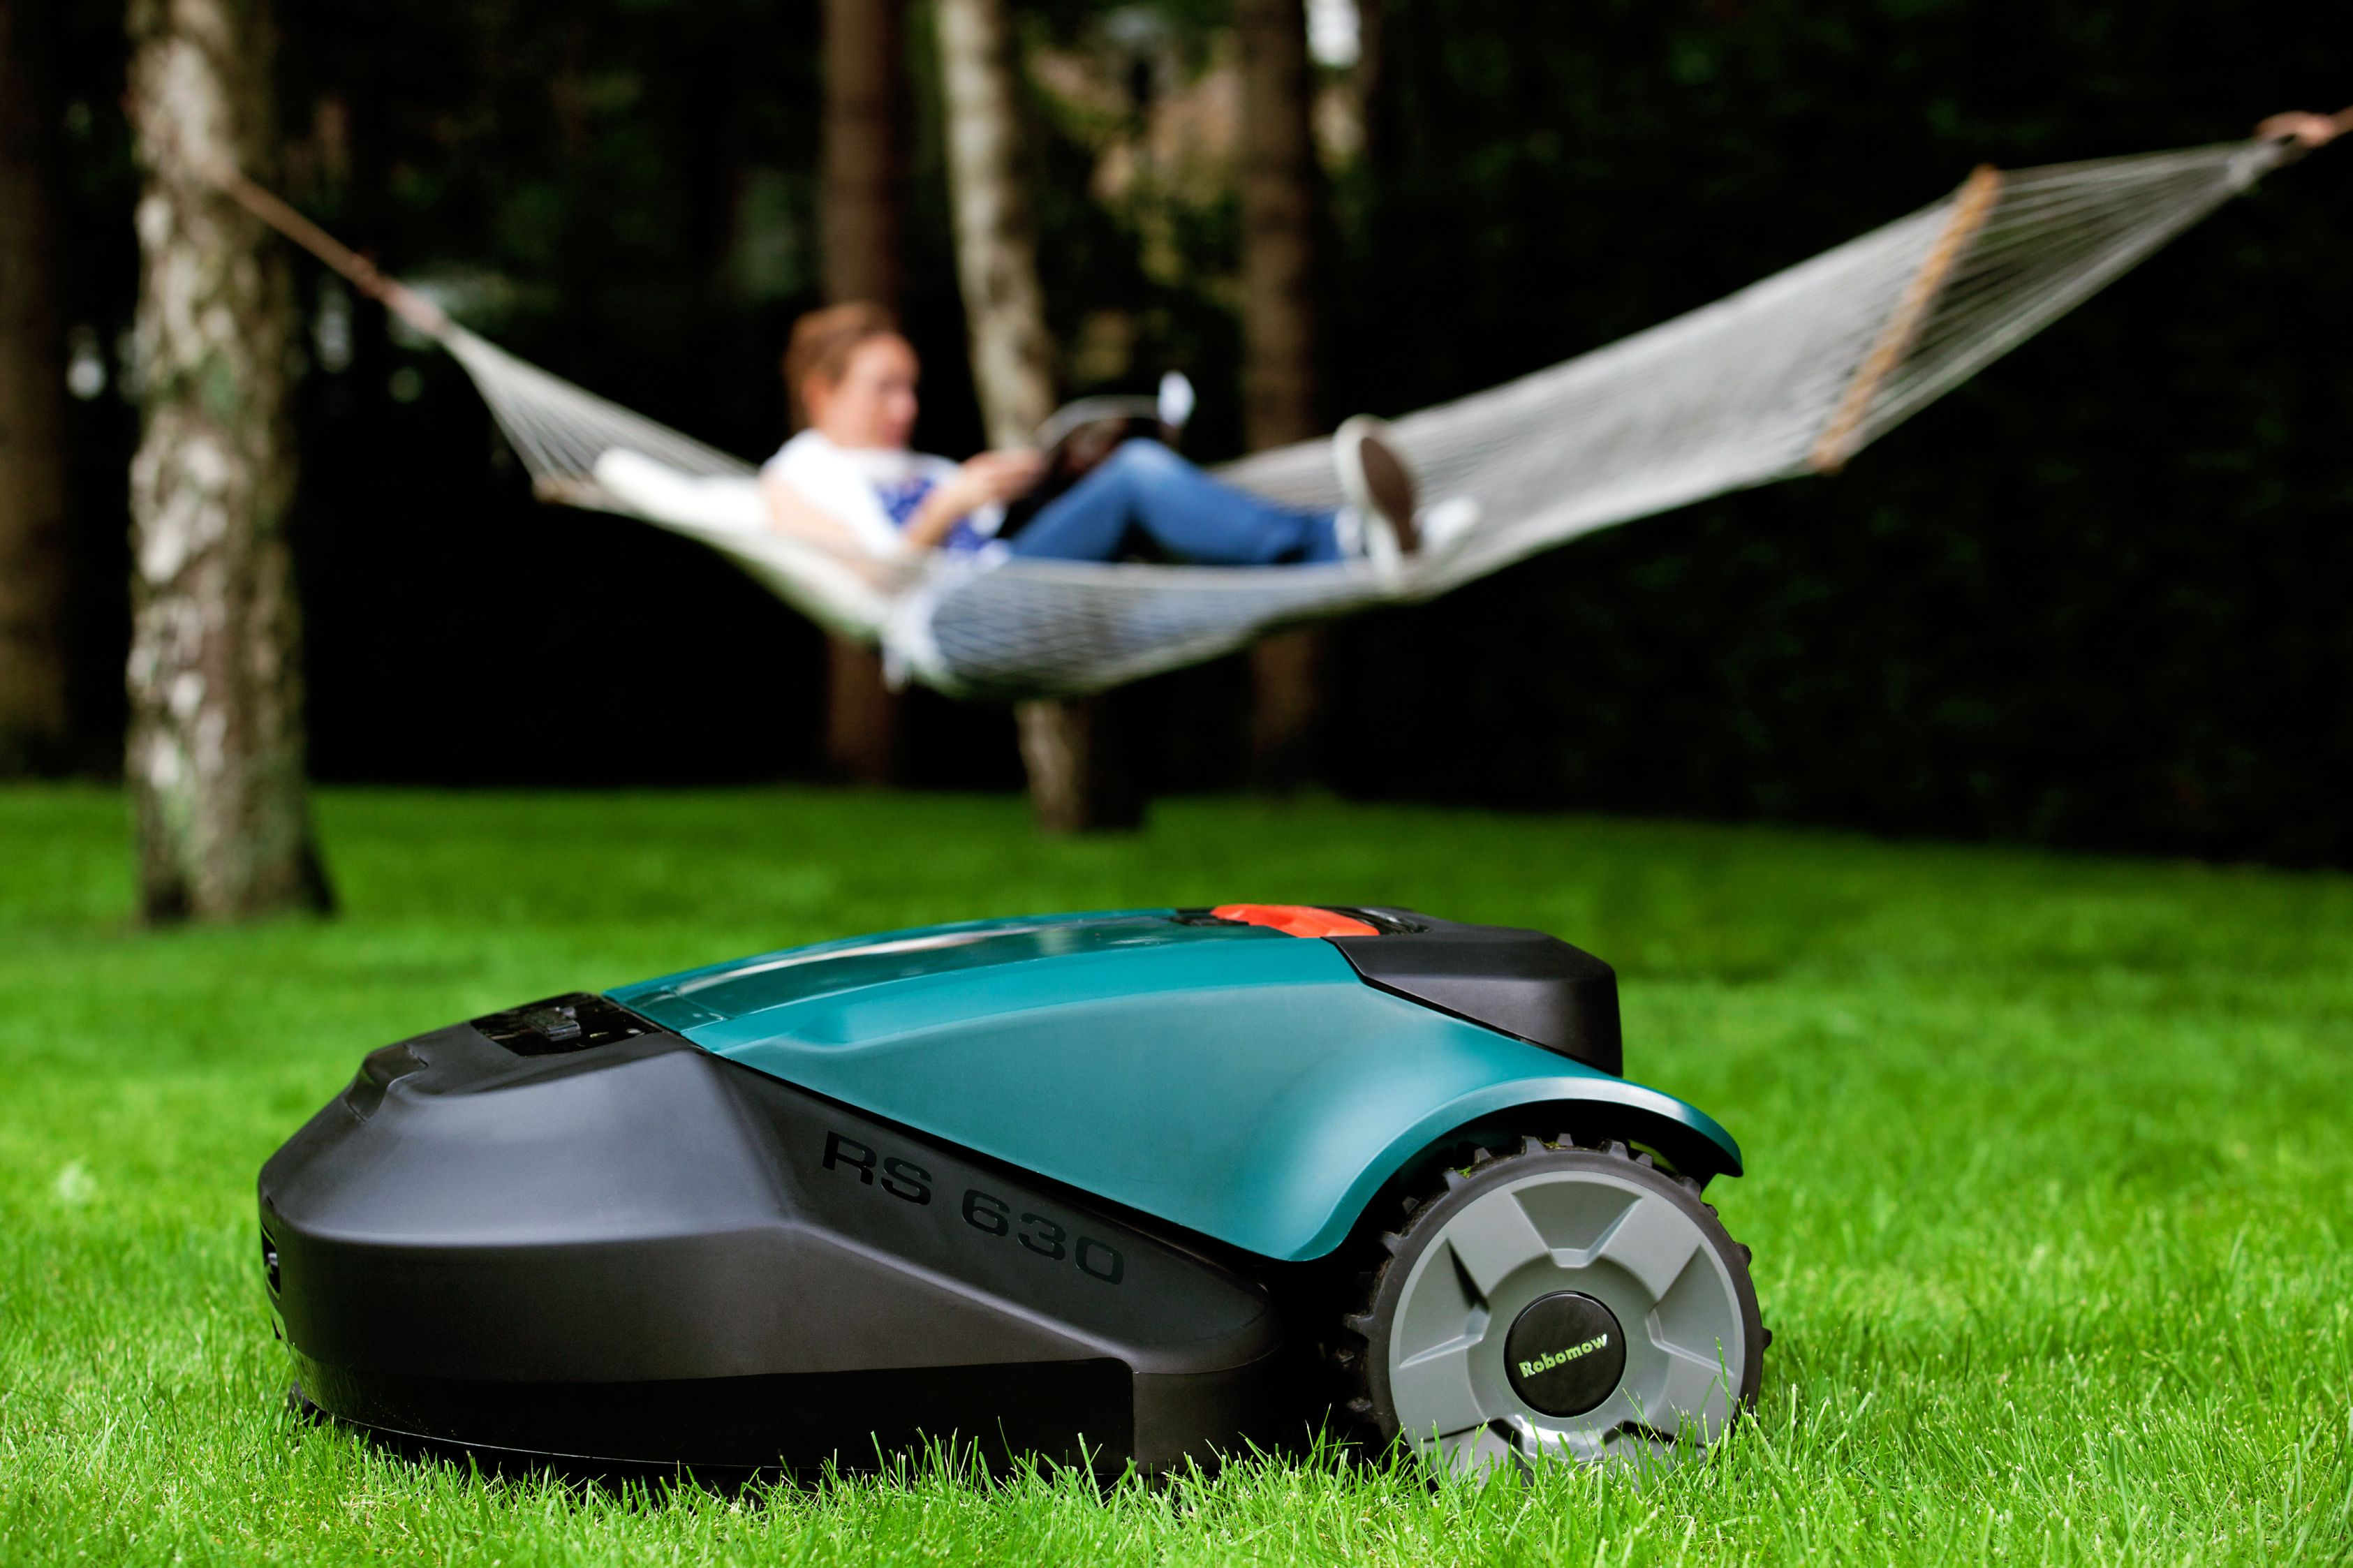 Accessoires Robomow - Le Biclou : matériel de jardinage, robot tonte